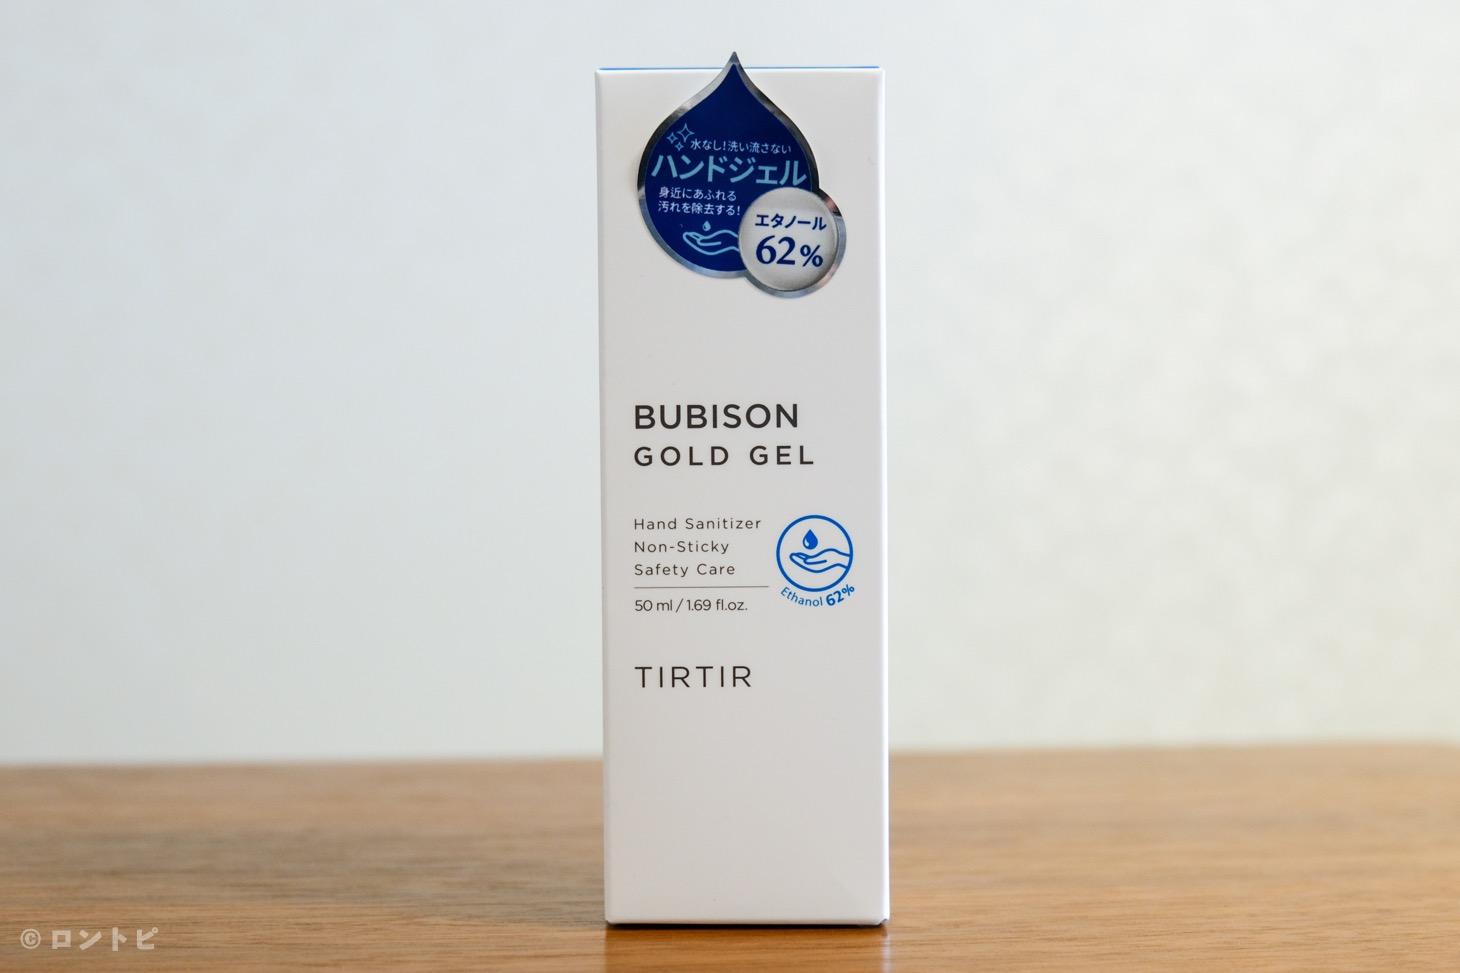 BUBISON ゴールドジェル